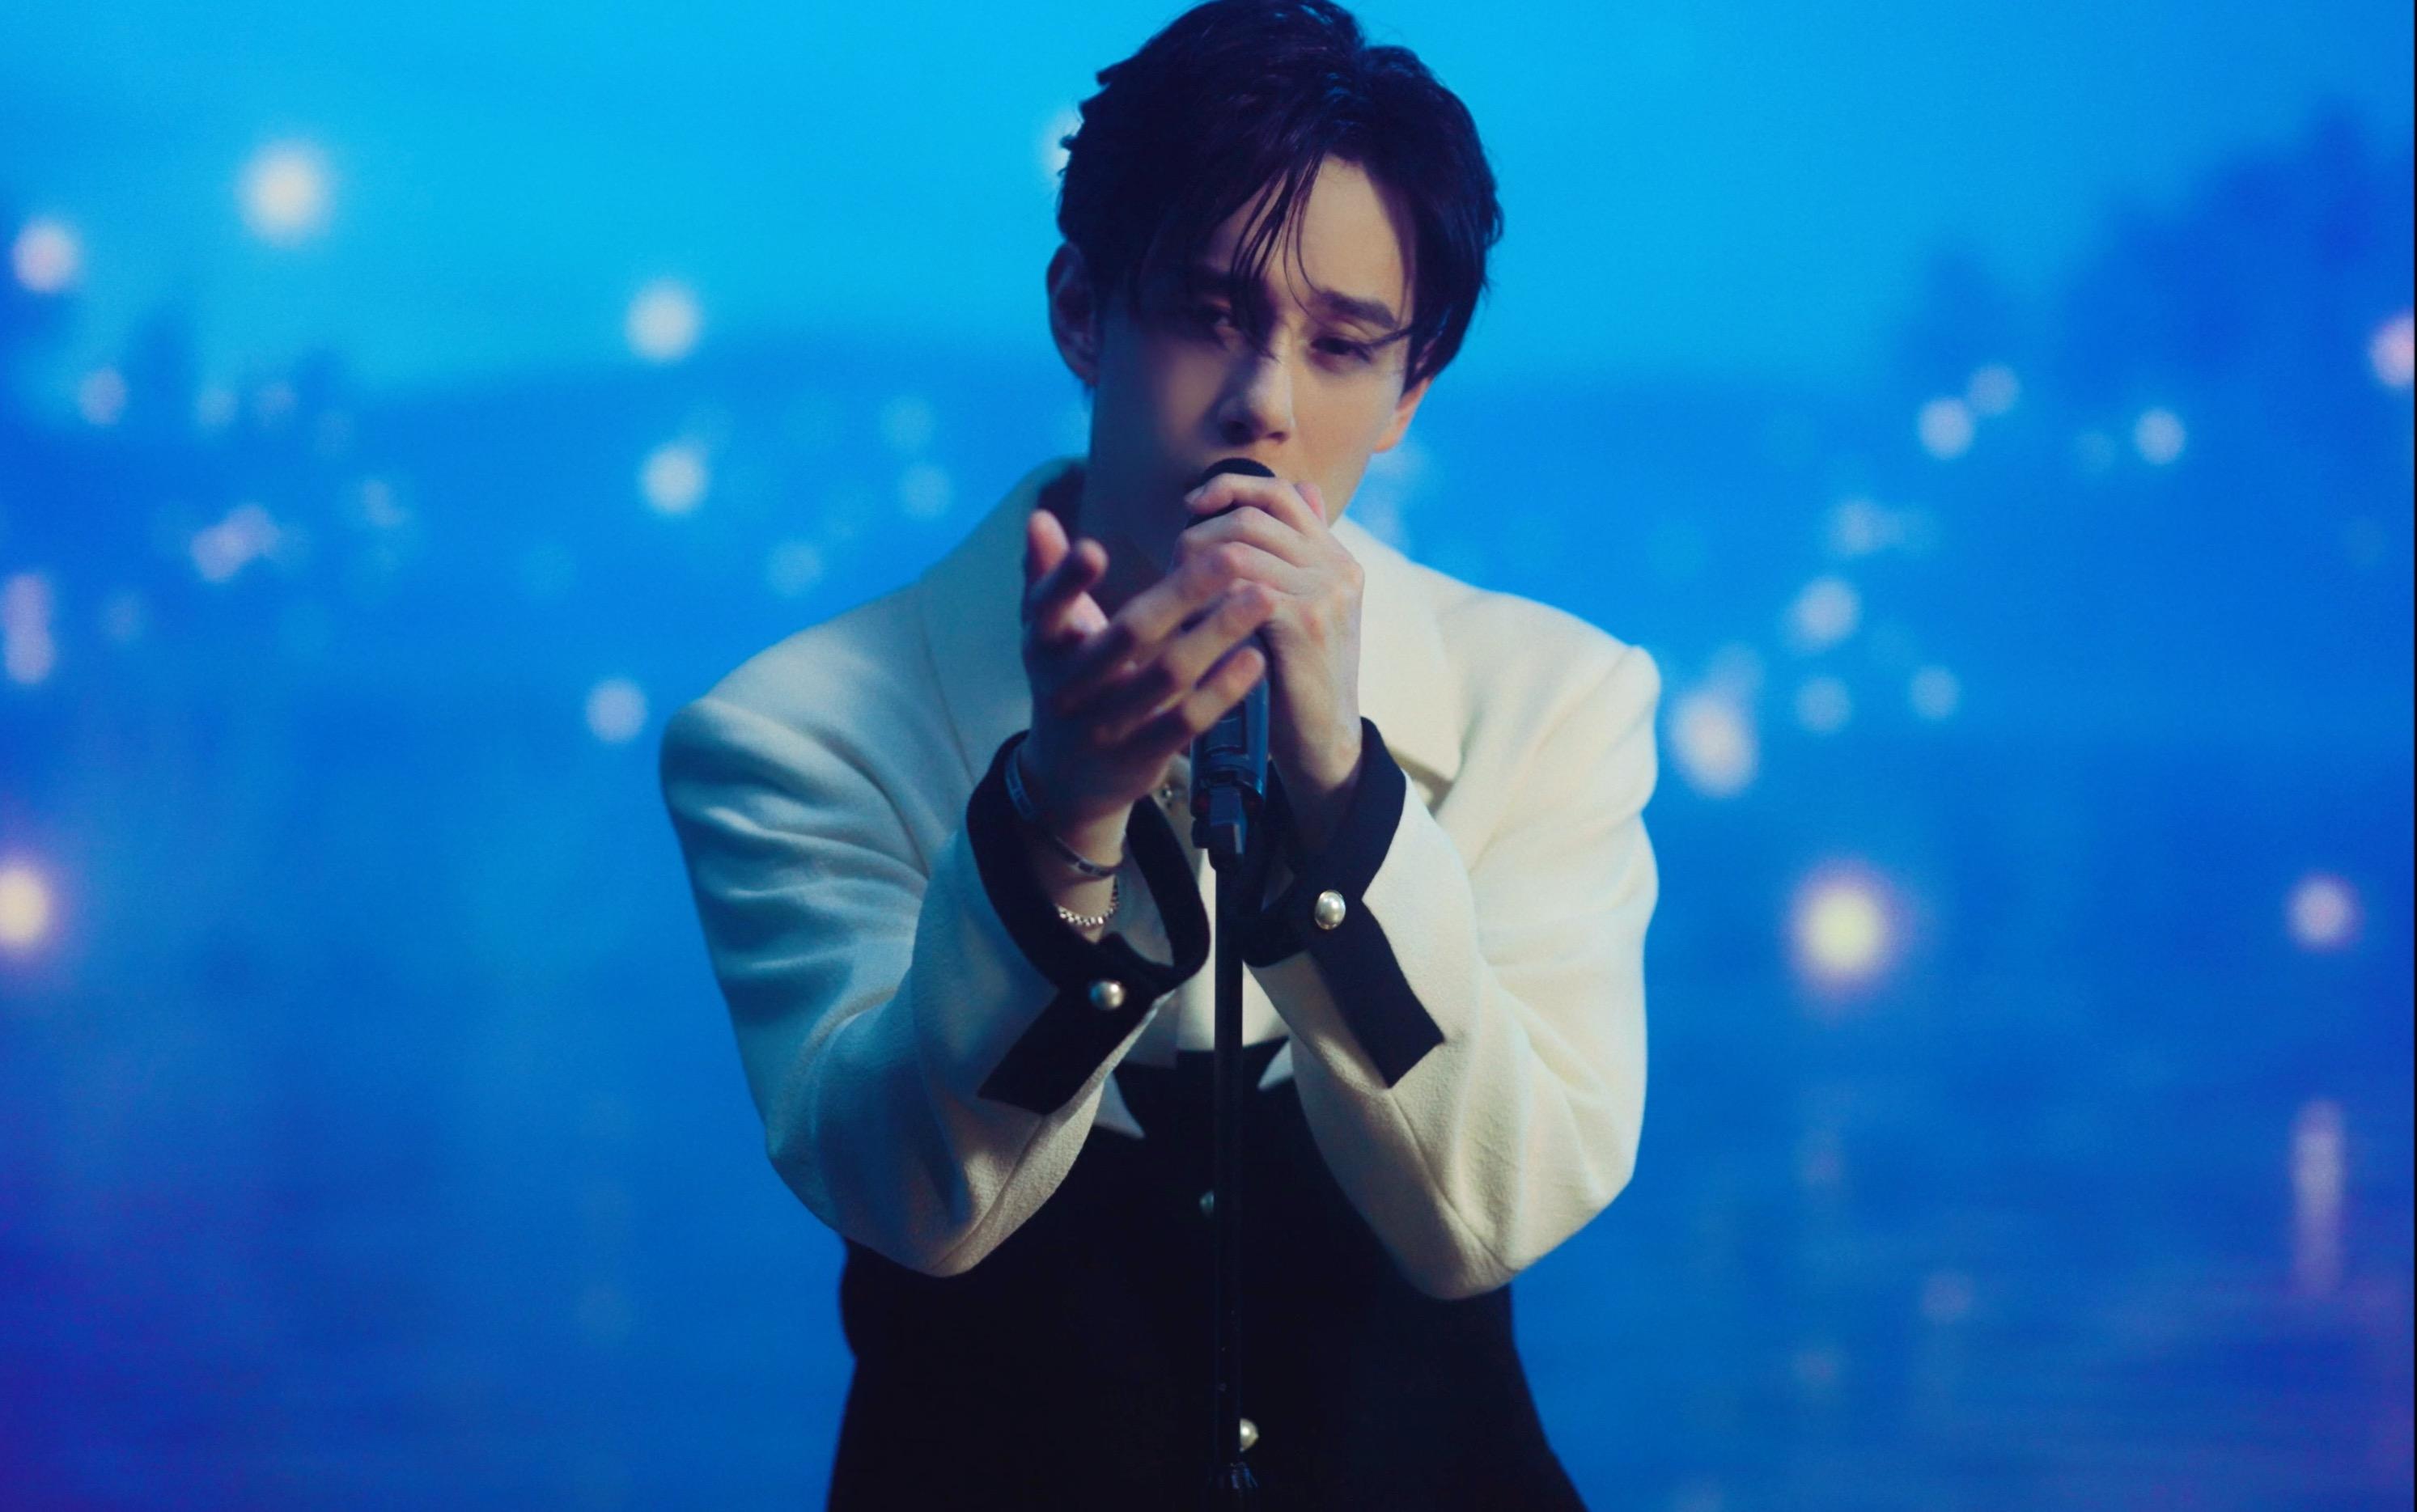 孫麥傑拍攝最新單曲〈HER〉MV。(圖/誠葳廣告提供) 孫麥傑MV細磨1200小時「像談戀愛」 網讚:超質感